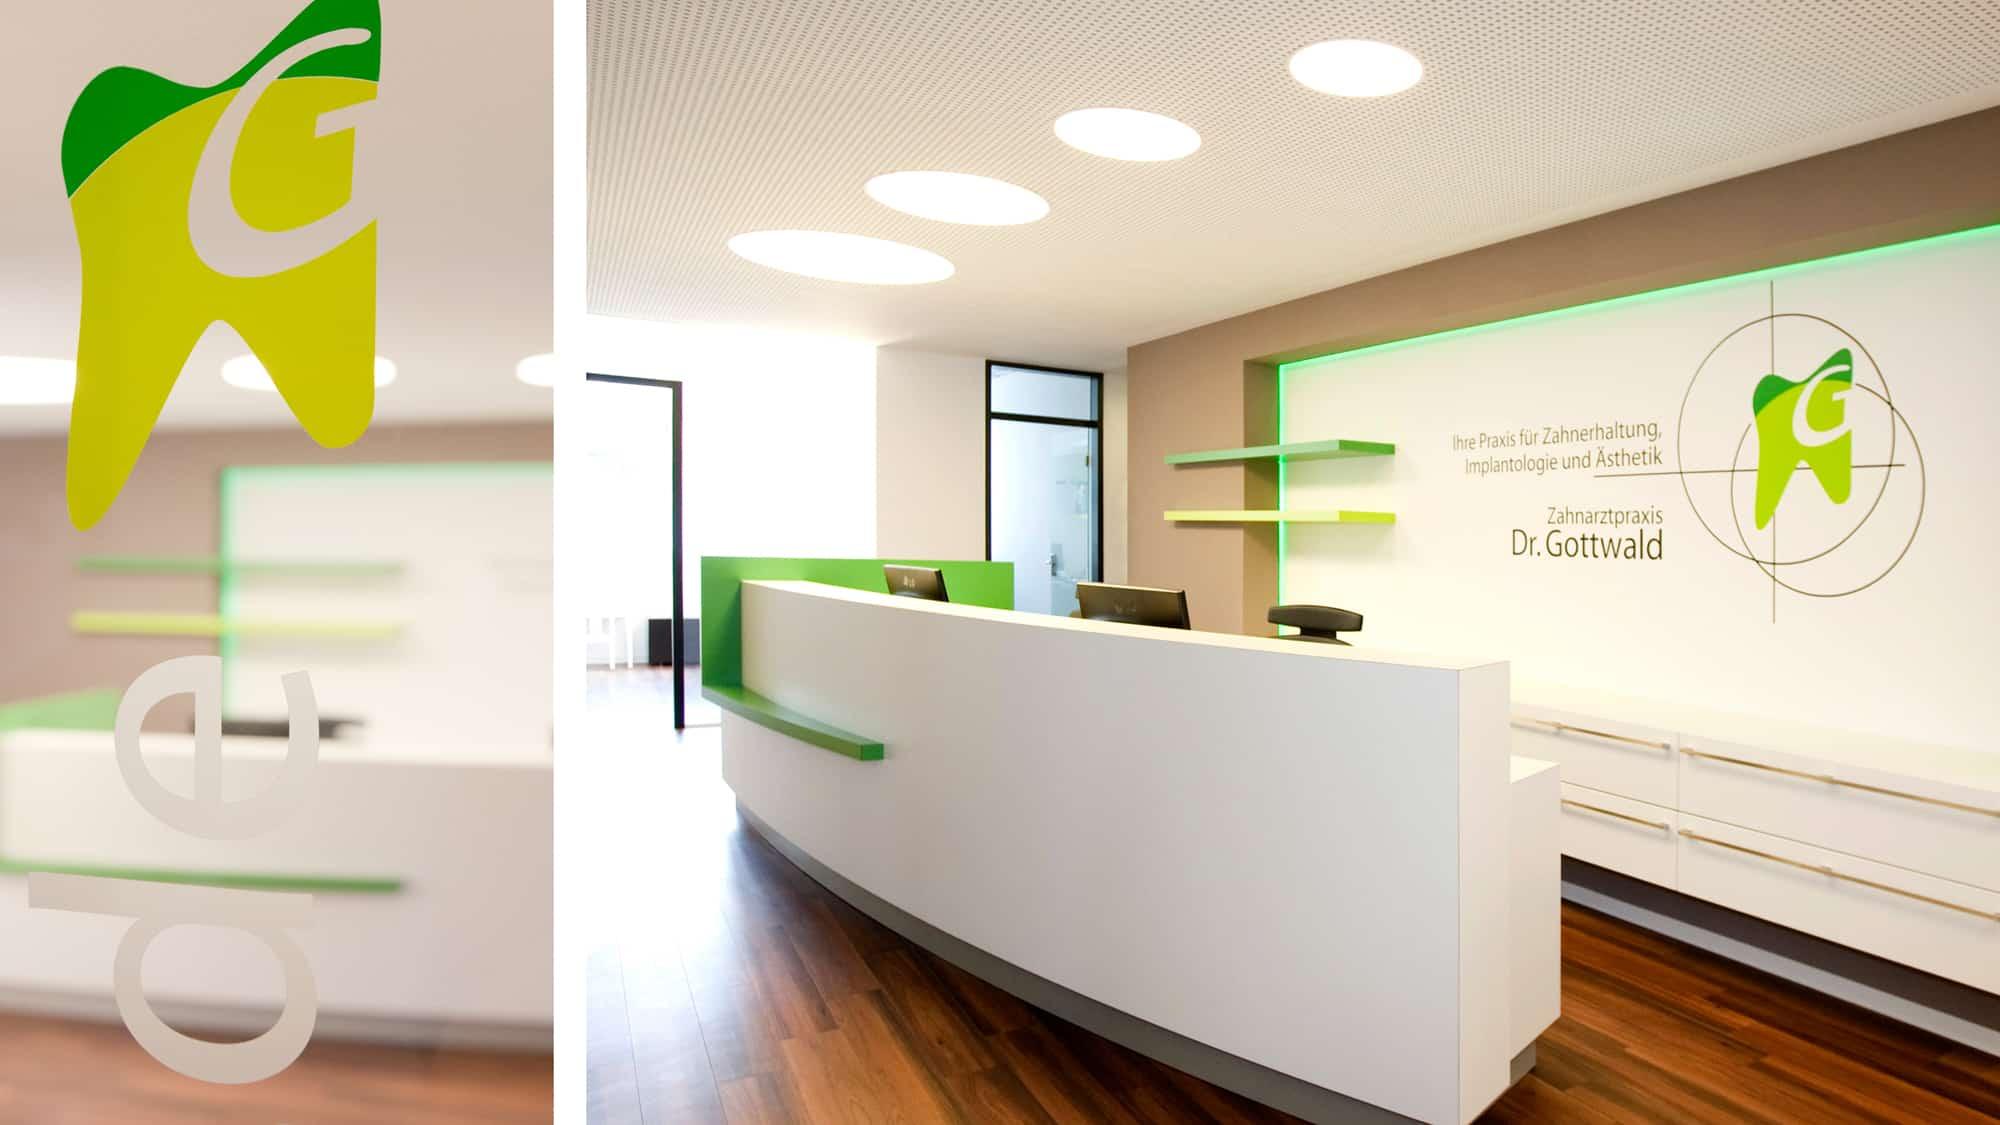 Praxisrundgang Zahnarztpraxis Dr. Gottwald in Koblenz - Empfangstheke und Rezeption unserer Zahnarztpraxis Dr. Gottwald in Koblenz